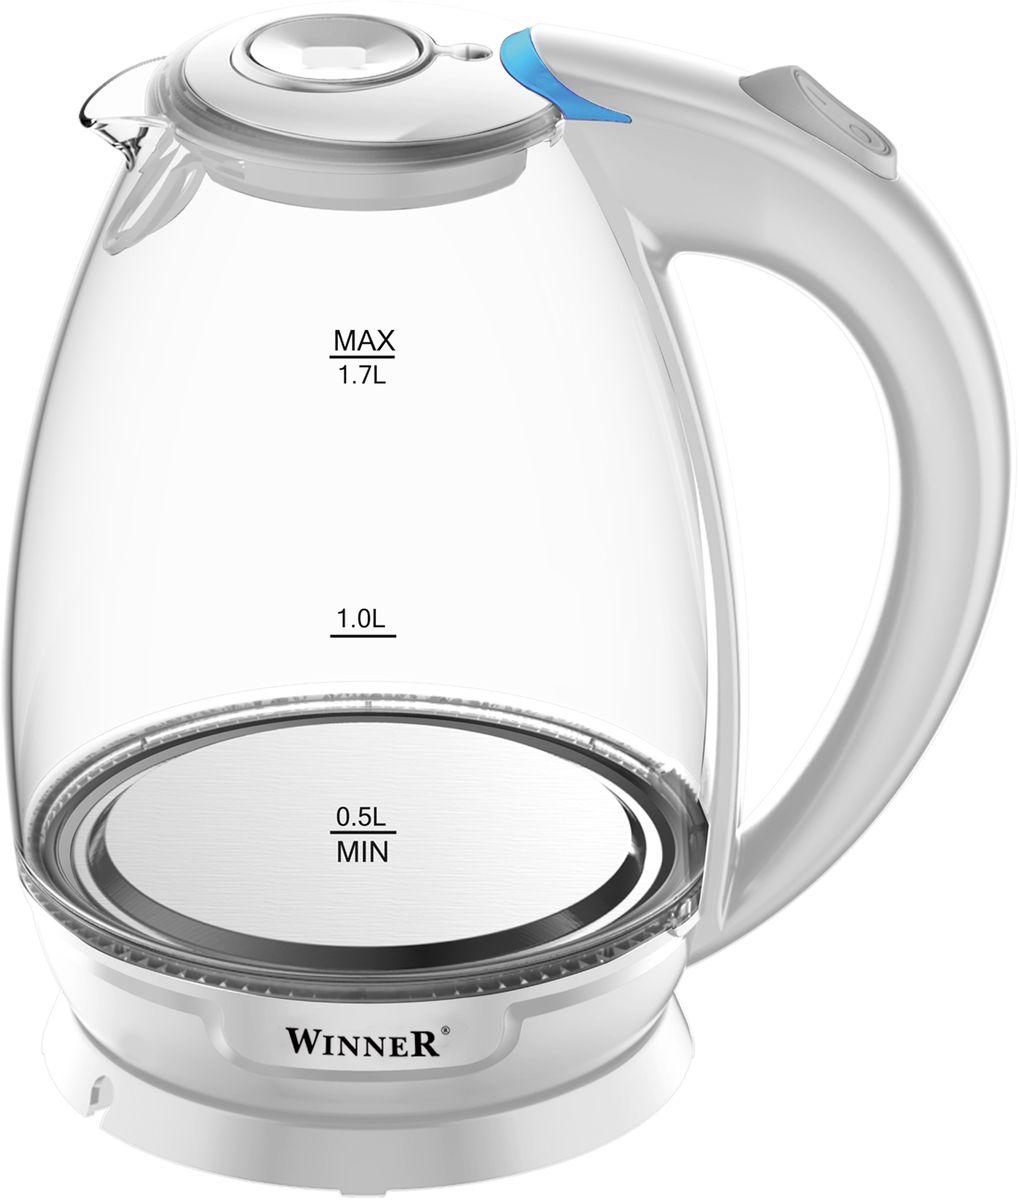 Winner Electronics WR-102 электрический чайникWR-1021,7л. Корпус: прозрачное стекло. Автоматическое и ручное выключение. Световой индикатор. Зашита от перегрева. Отсек для хранения шнура. Скрытый нагревательный элемент. 1850-2200Вт